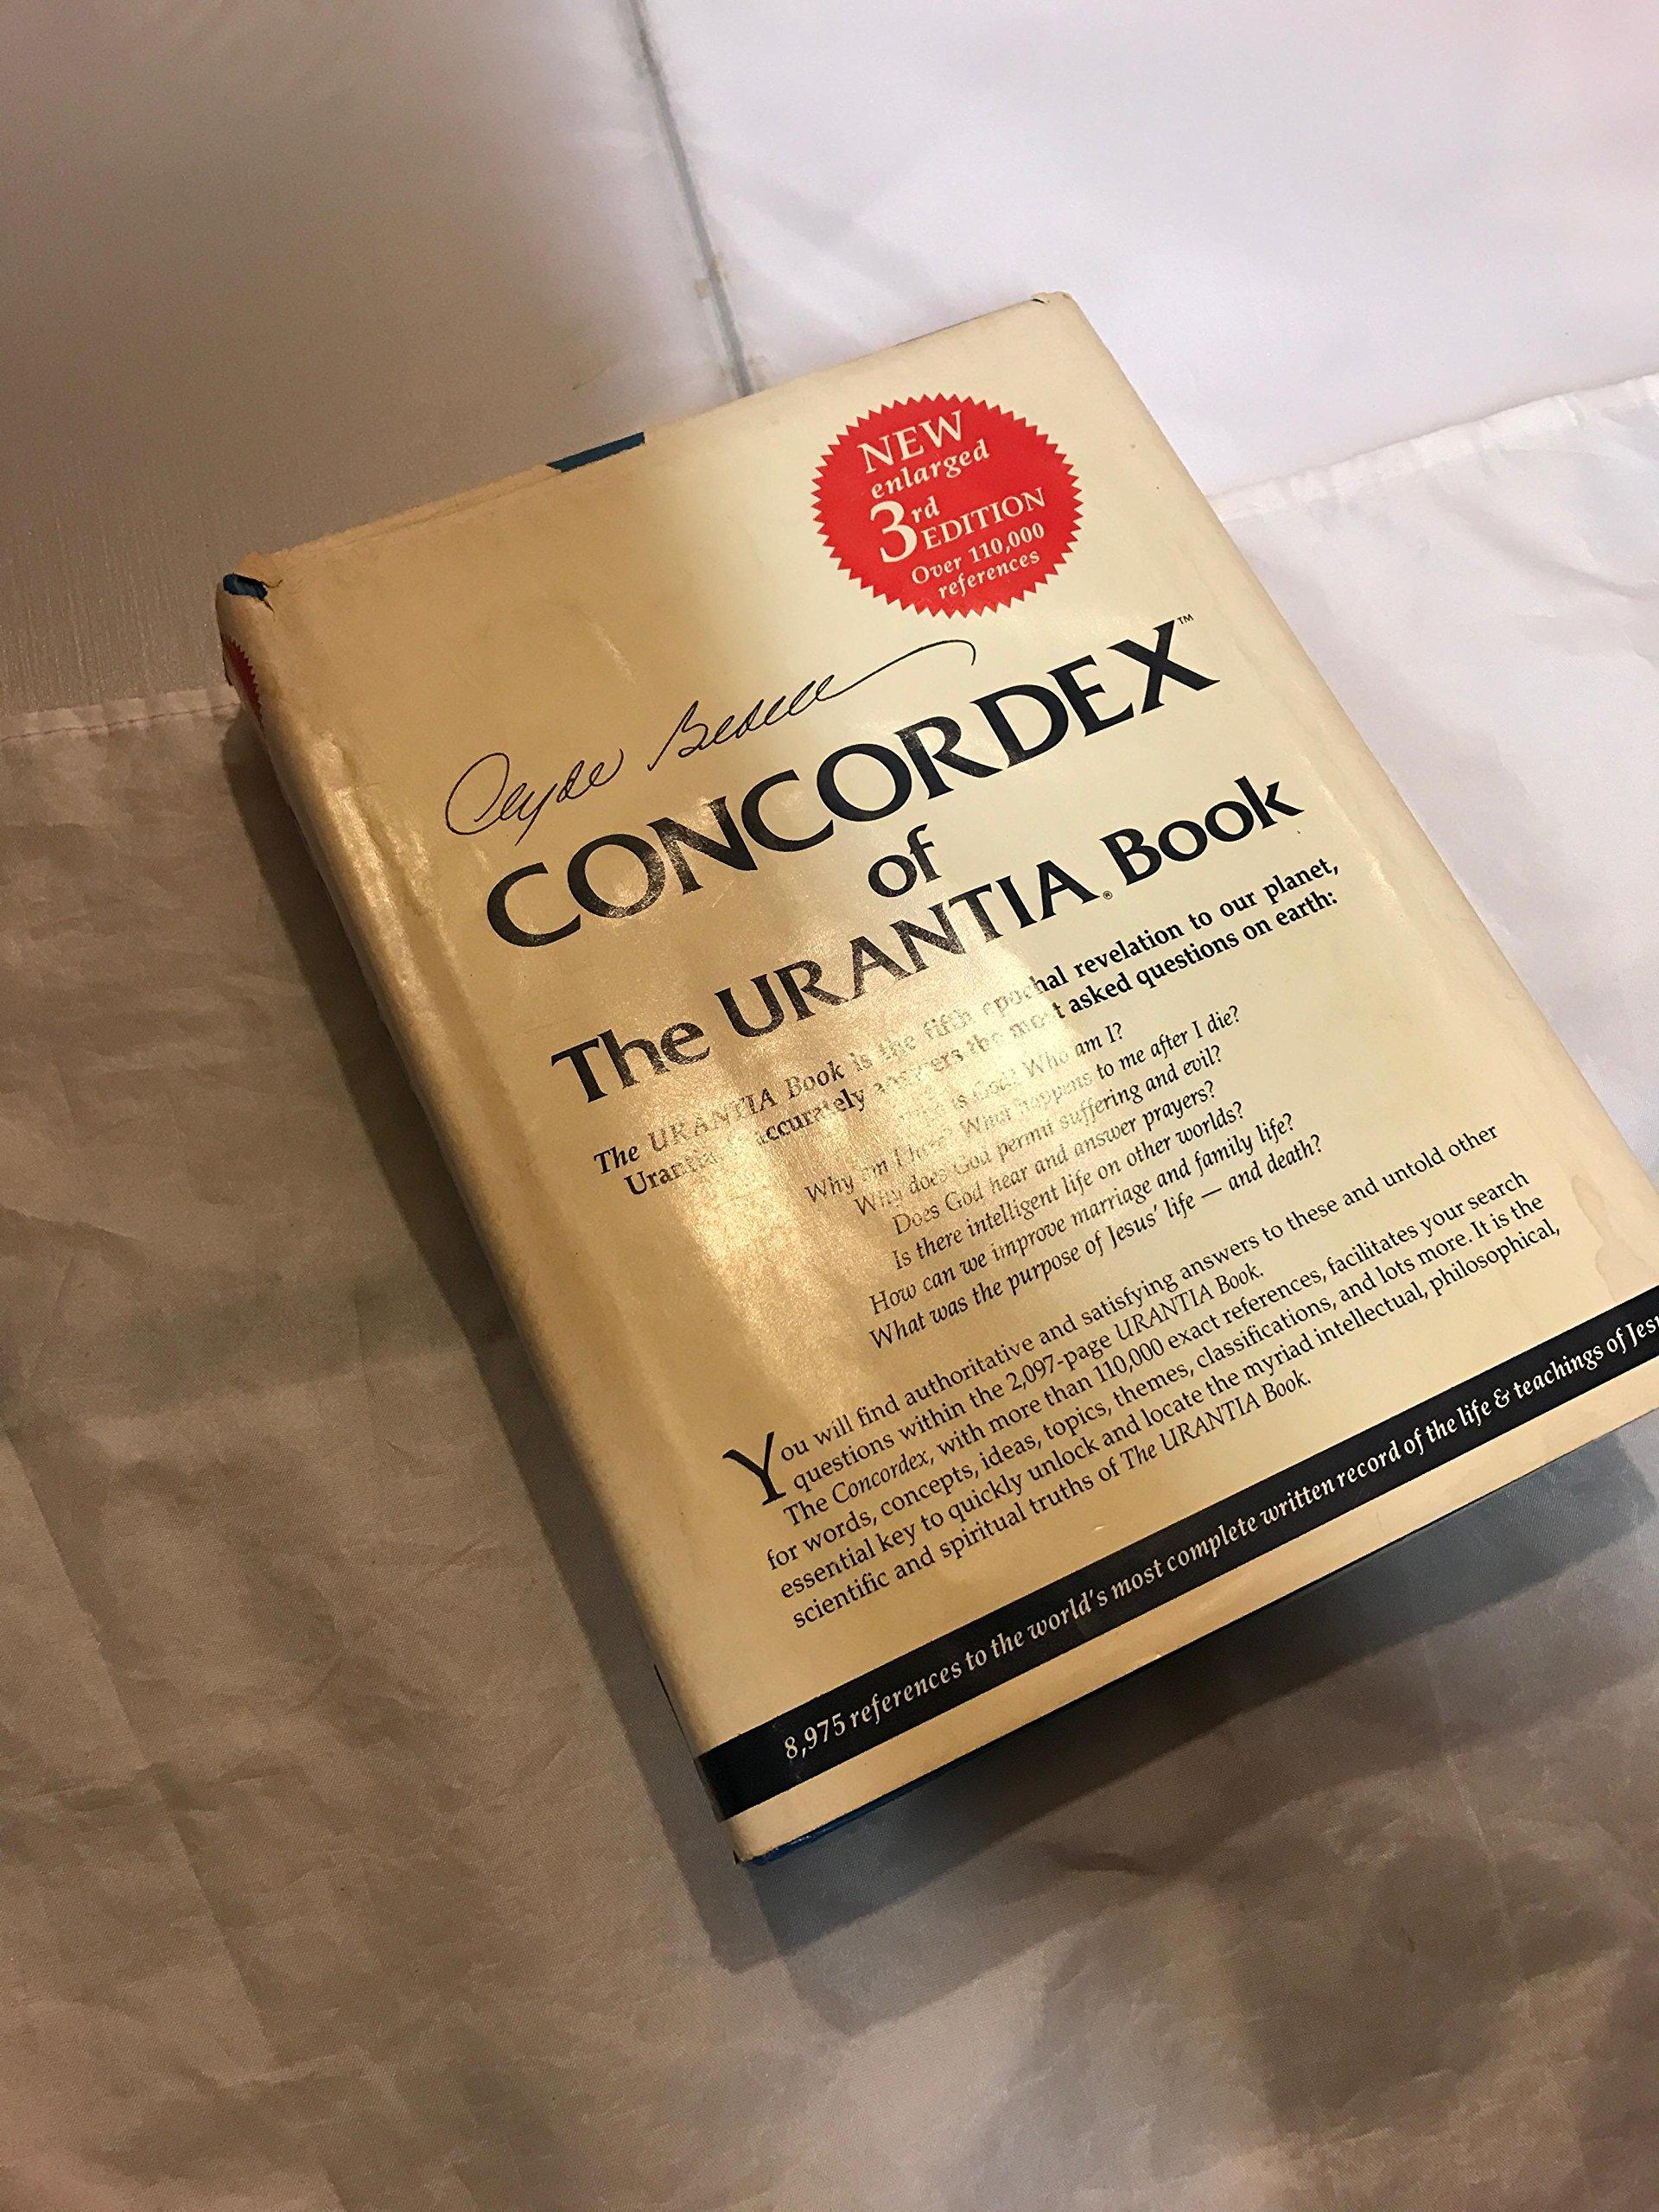 Concordex of the Urantia Book: The Urantia Book is